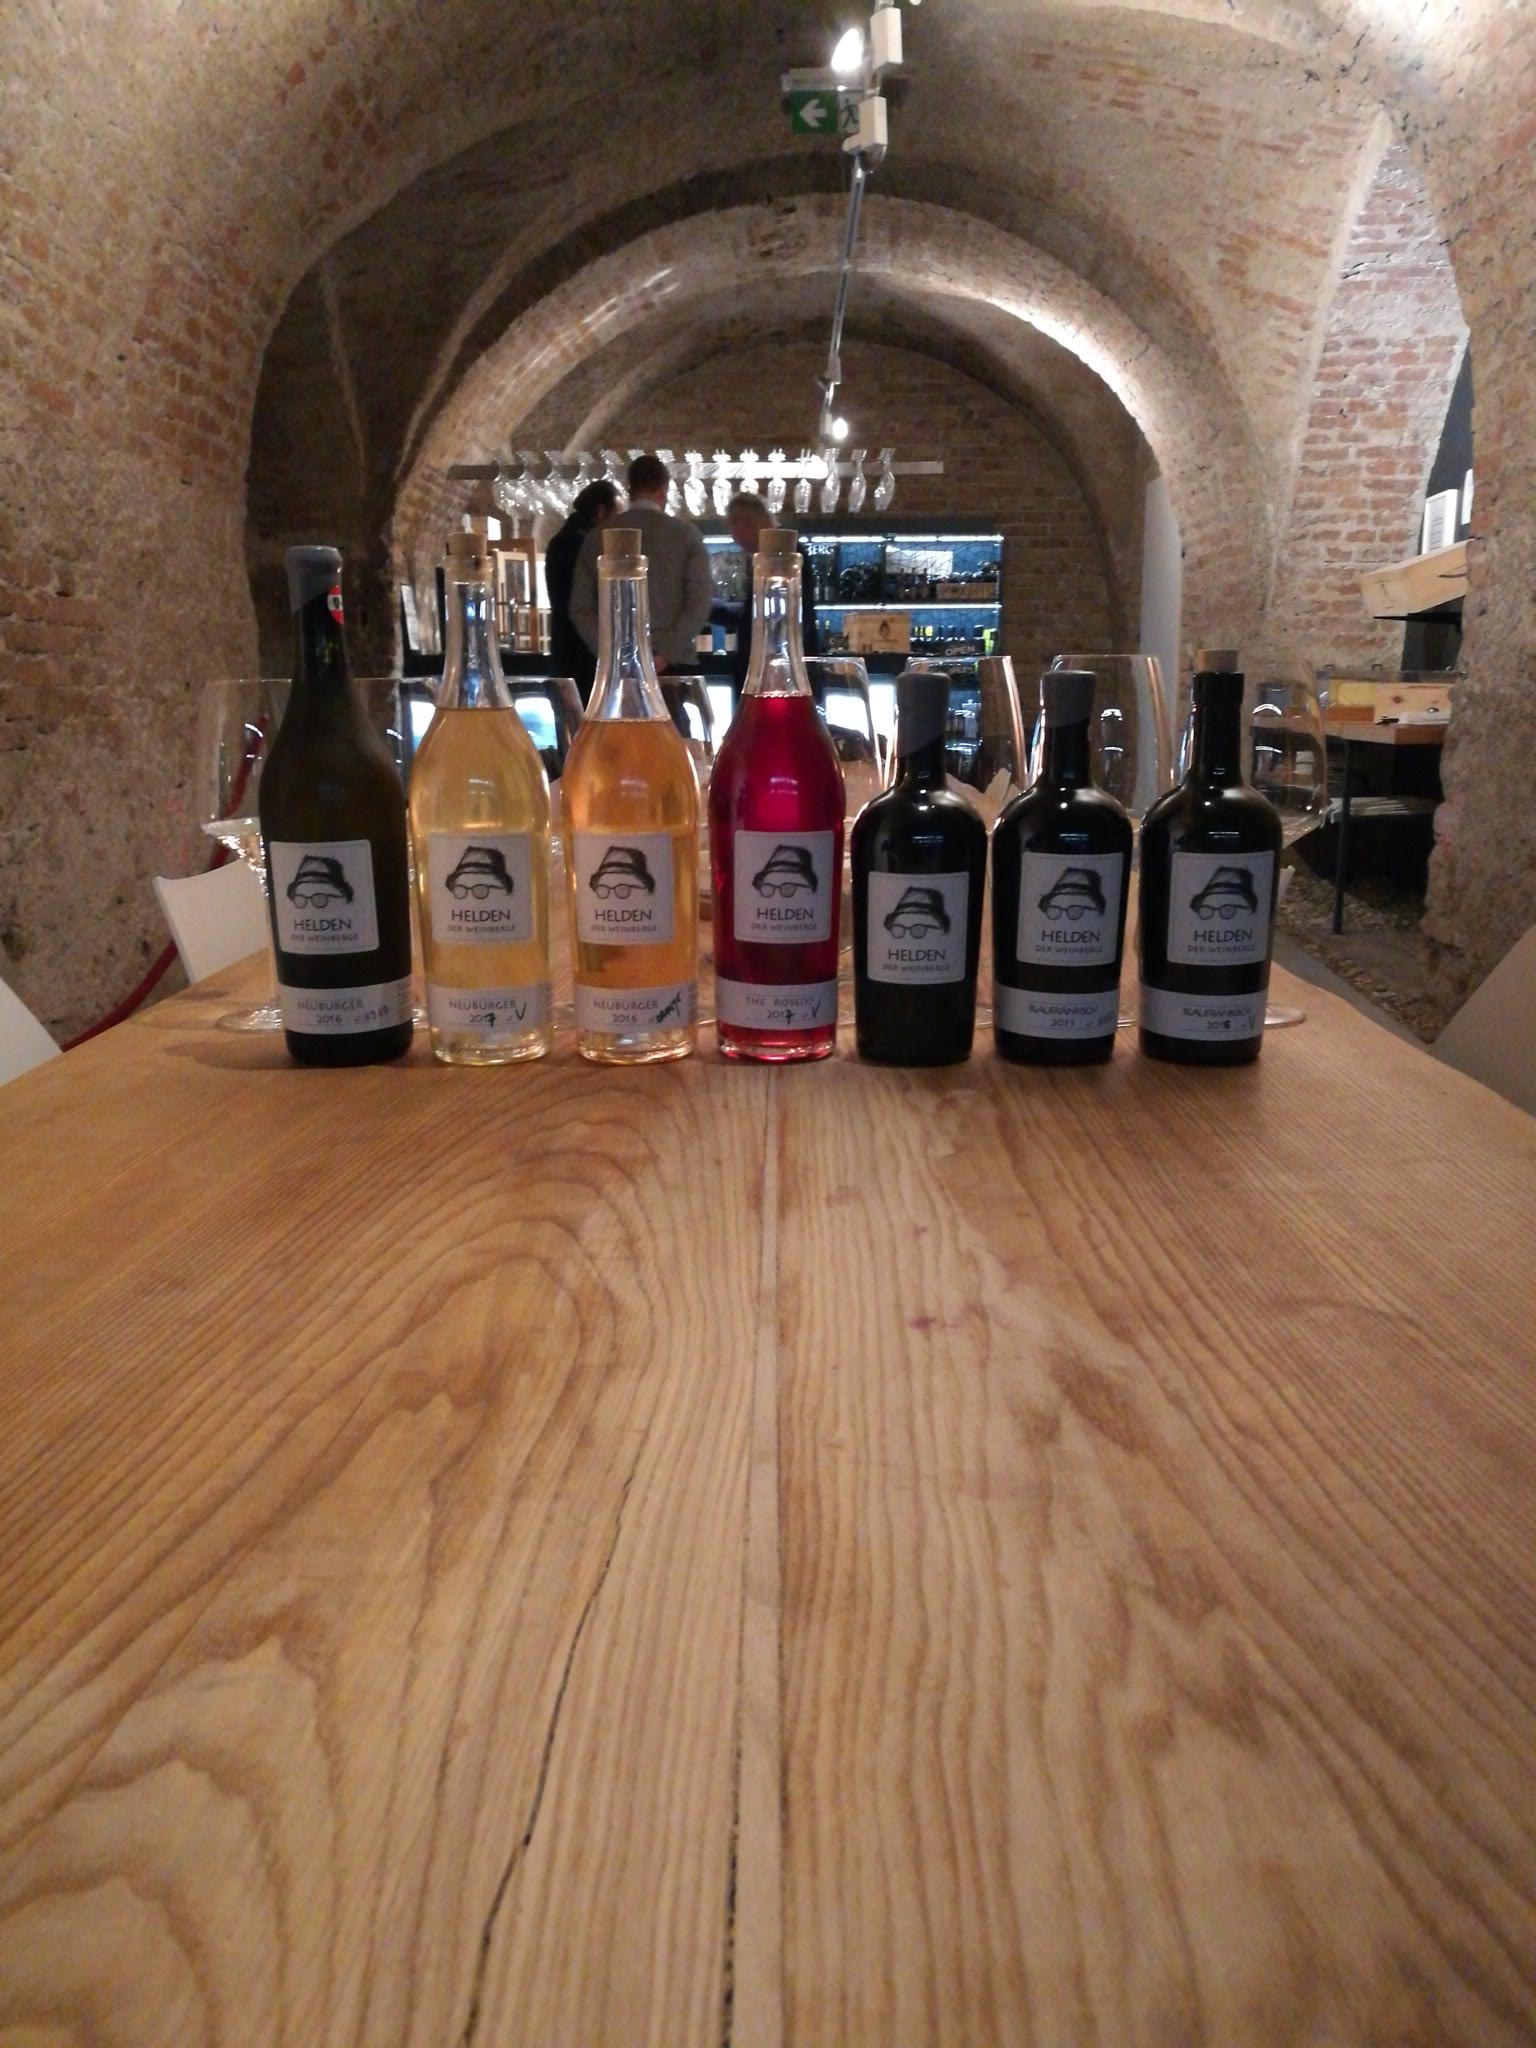 Verkostungen @ WineBANK Wien - Gerne organisieren wir für Sie eine Verkostung unserer Weine gegen Voranmeldung. Unser Verkostungsraum befindet sich im 1. Wiener Gemeindebezirk in der WineBANK im Kipferlhaus, direkt hinter dem Stephansdom.WineBANK WienGrünangergasse 8A-1010 Wien